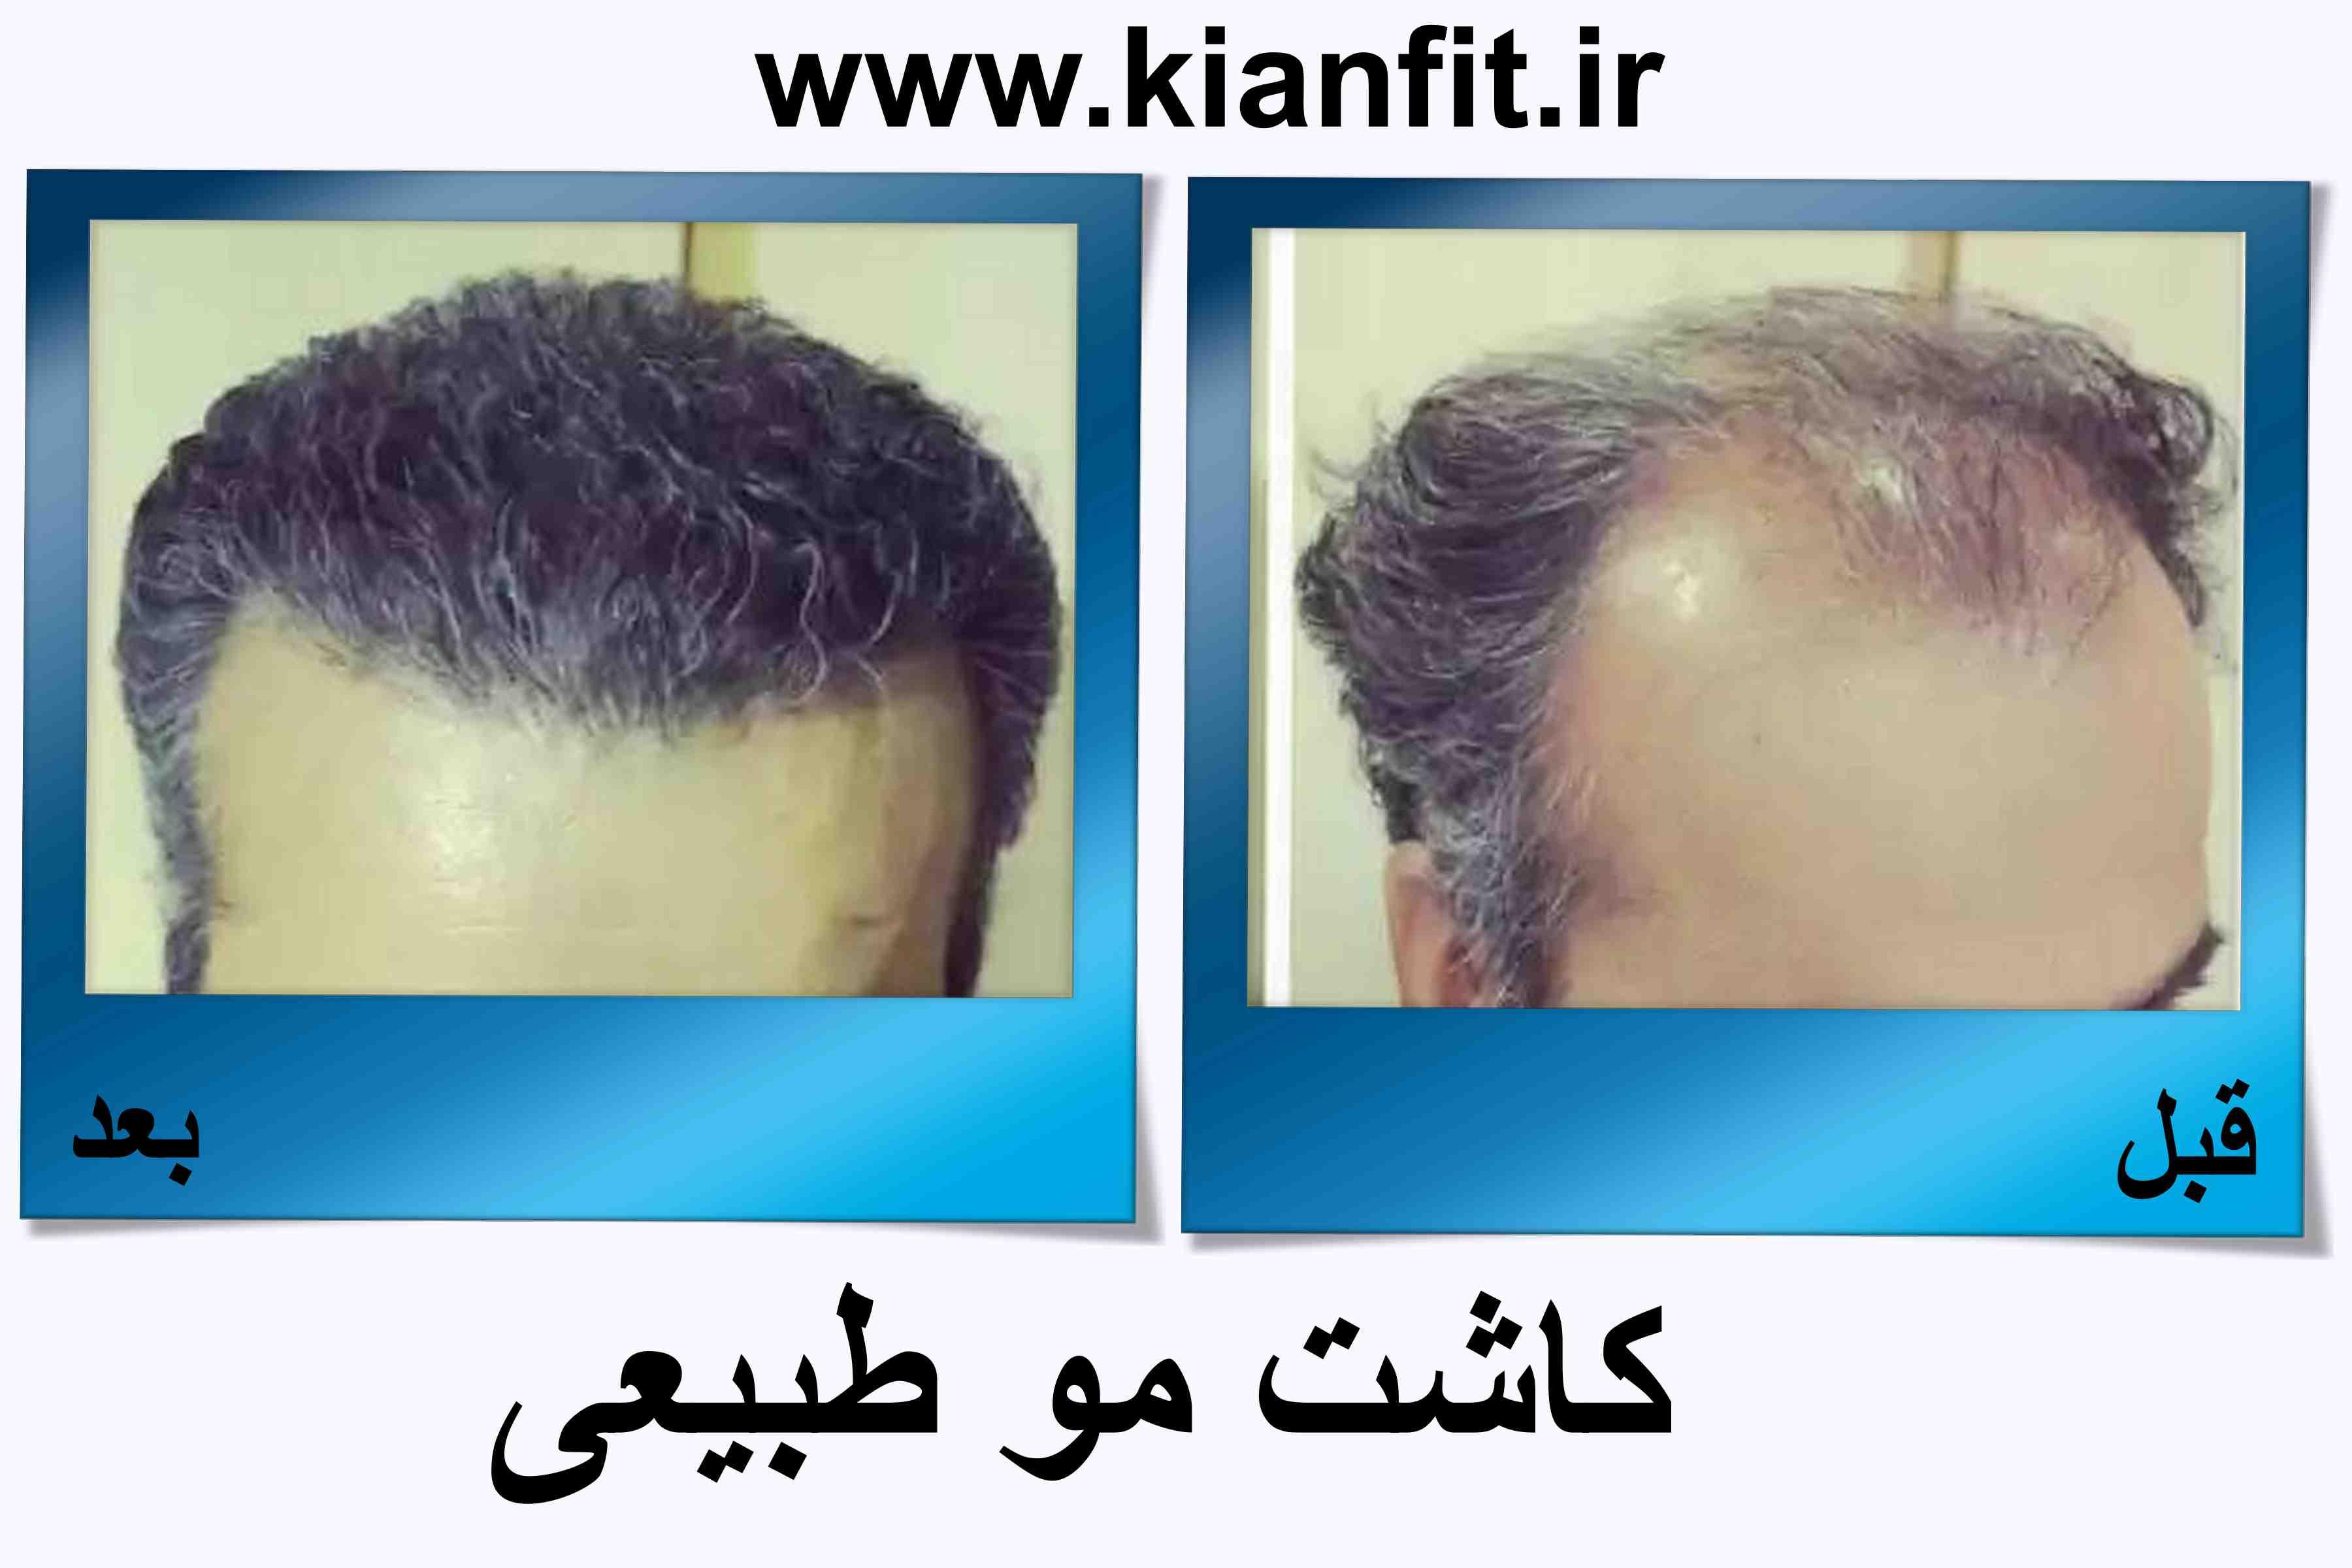 کاشت مو طبیعی در رشت